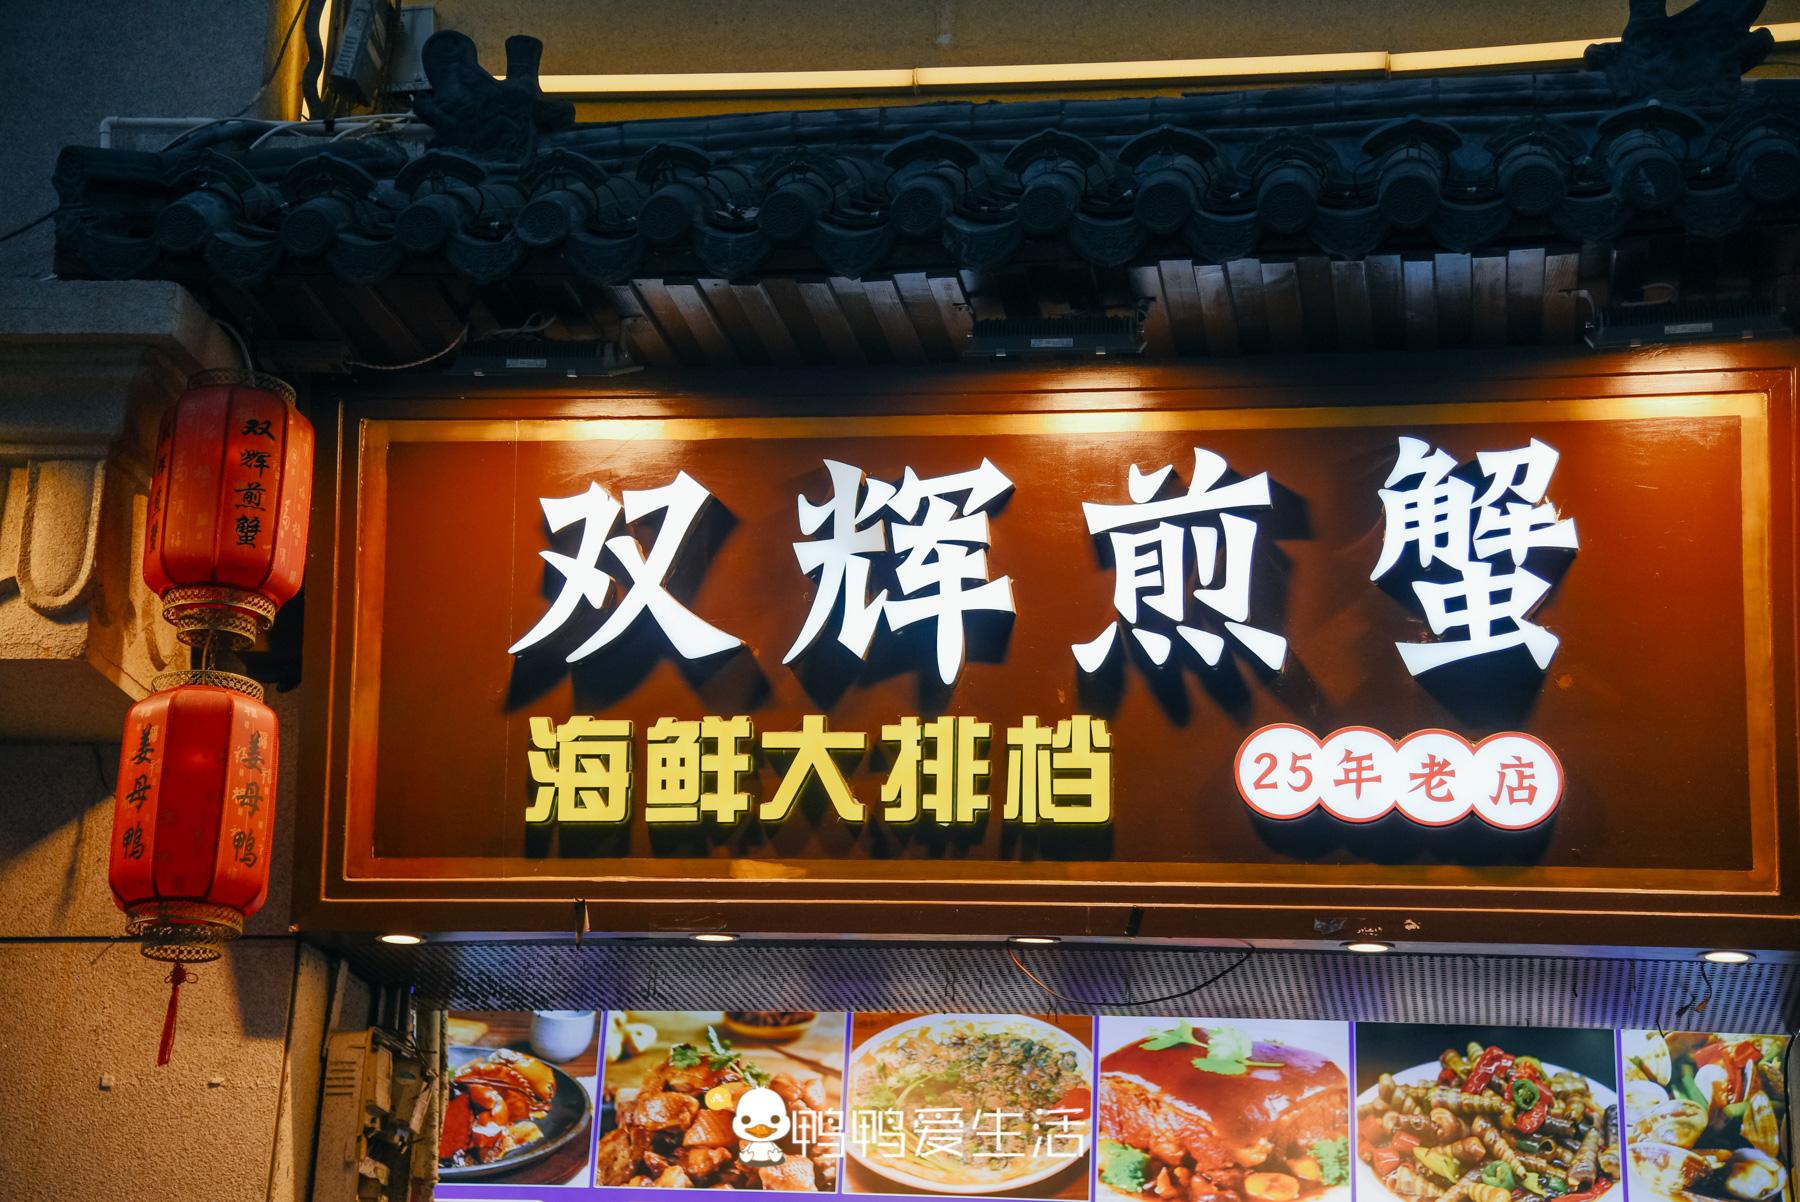 厦门旅游必打卡中山路,25年老店里吃煎蟹、姜母鸭,游客:真香!